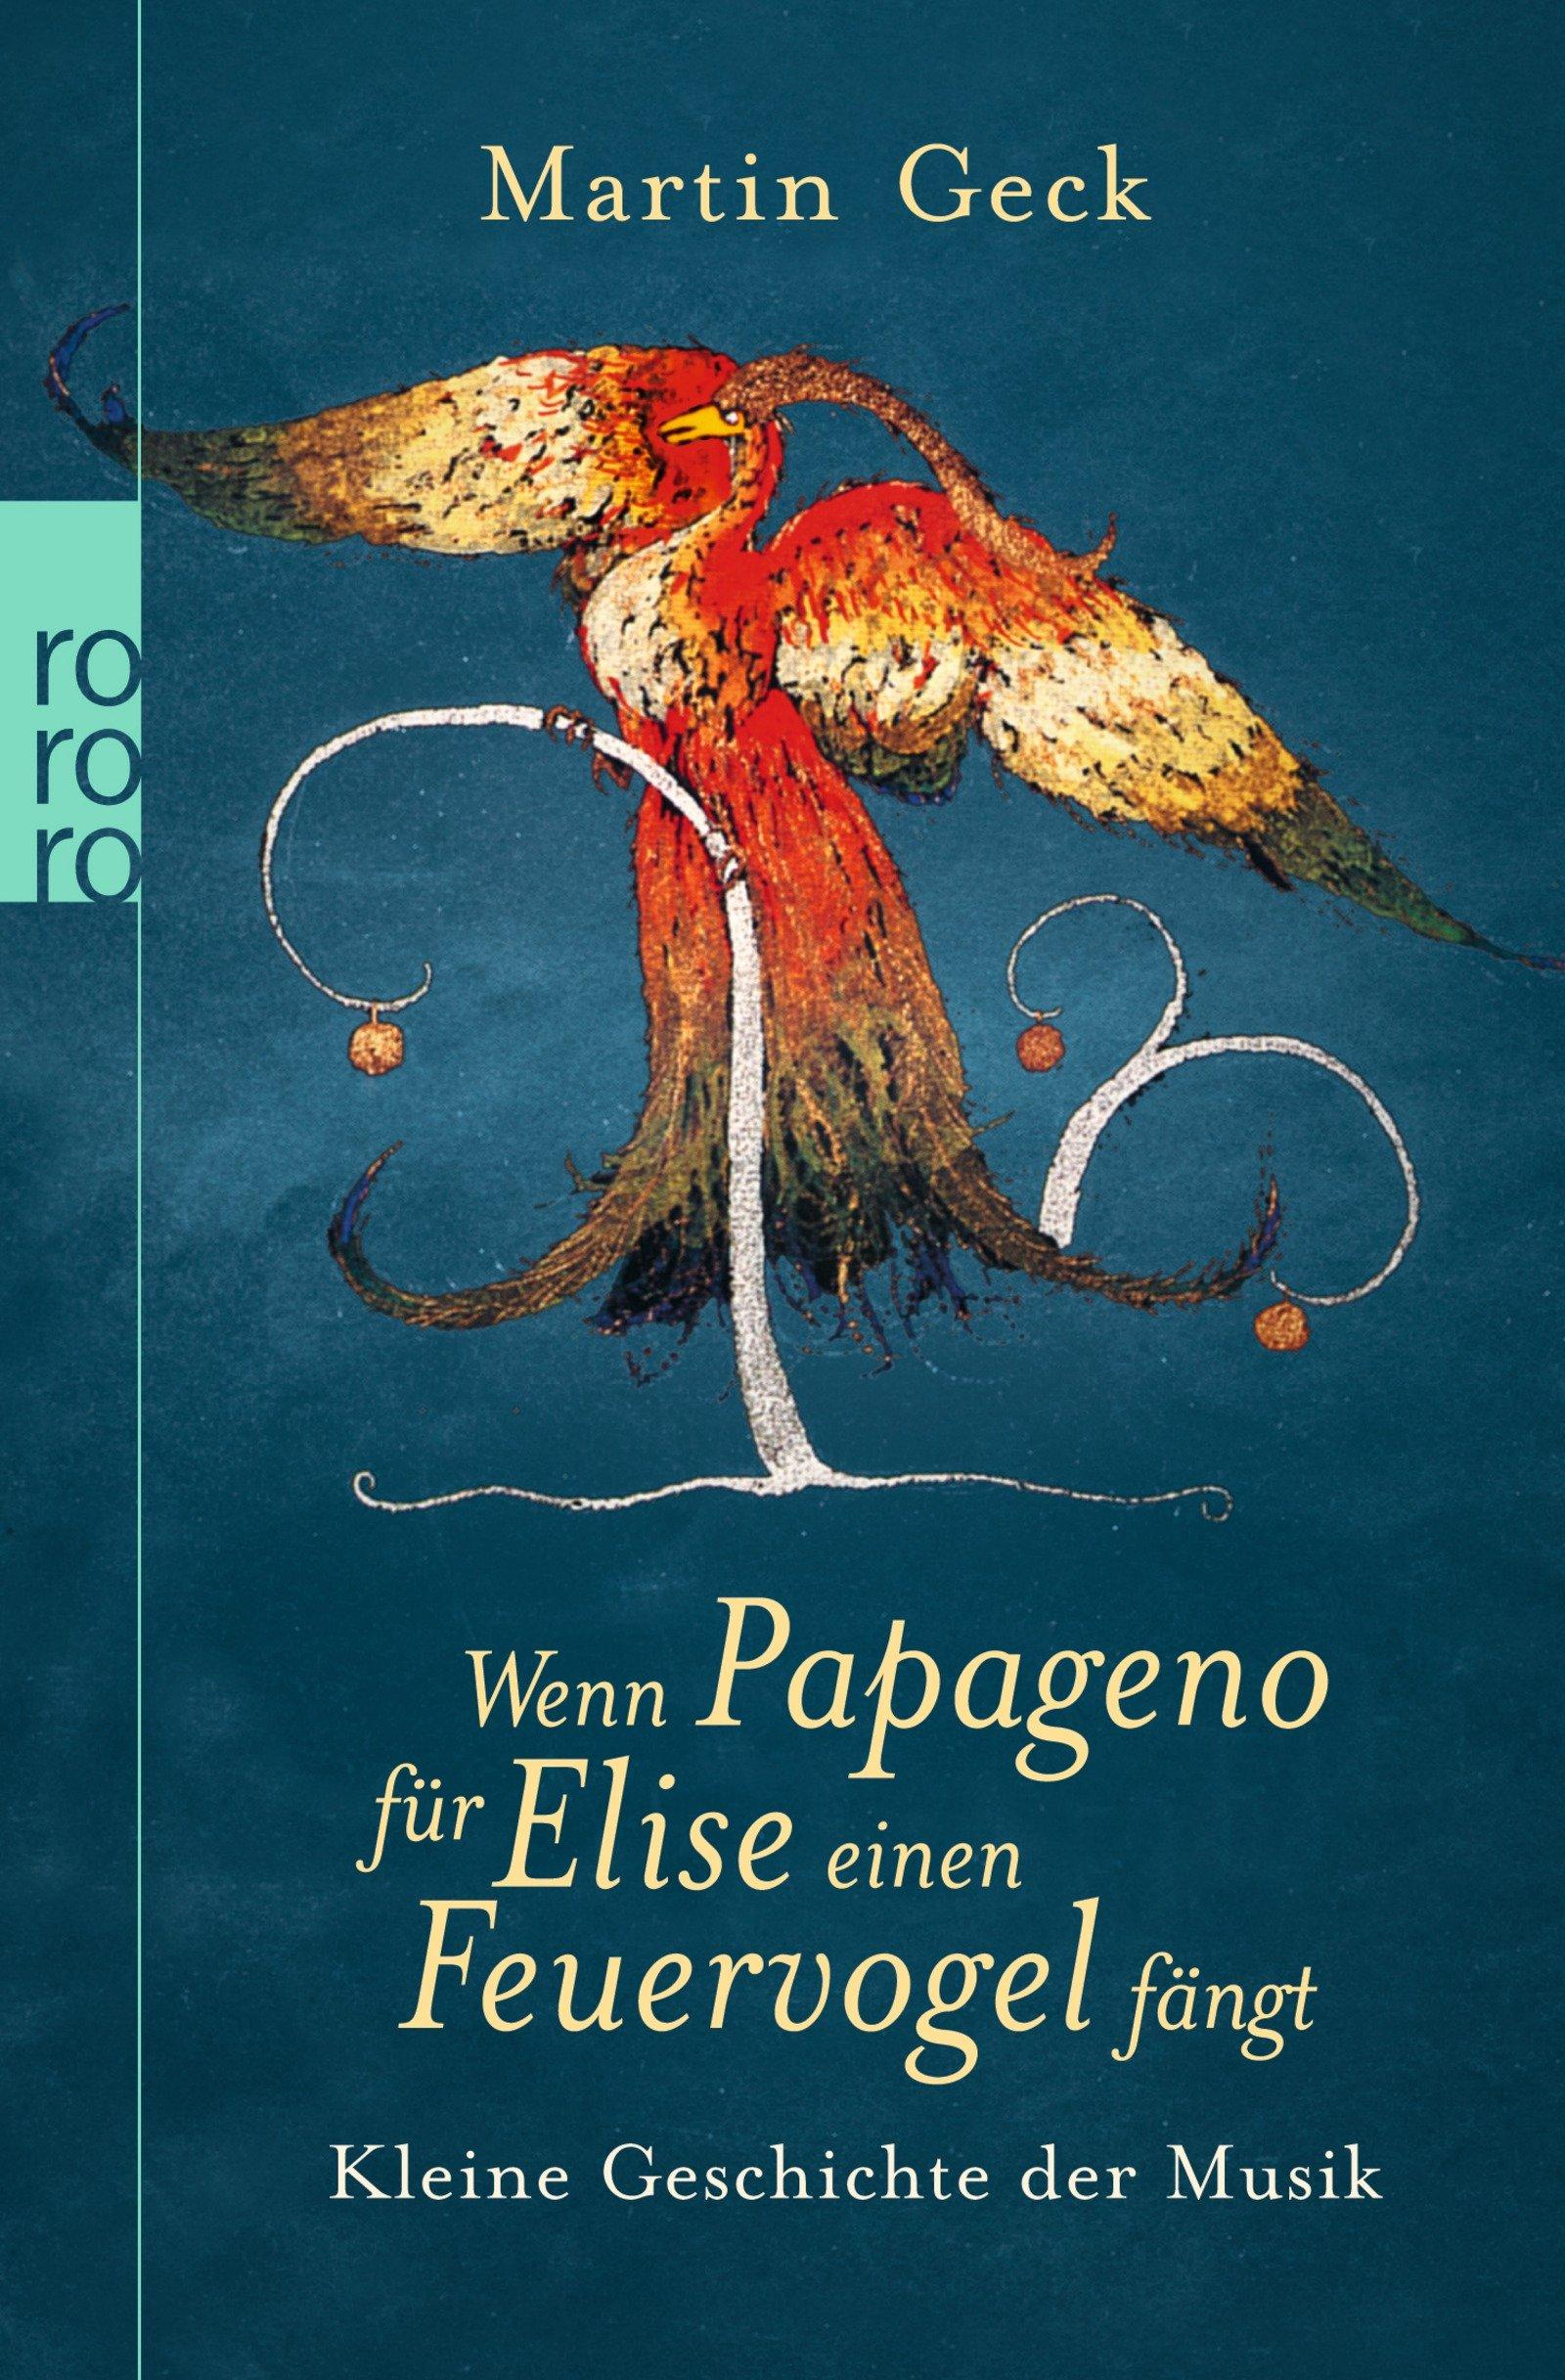 Wenn Papageno für Elise einen Feuervogel fängt: Kleine Geschichte der Musik Taschenbuch – 1. Oktober 2007 Martin Geck Rowohlt Taschenbuch Verlag 3499621452 MAK_GD_9783499621451